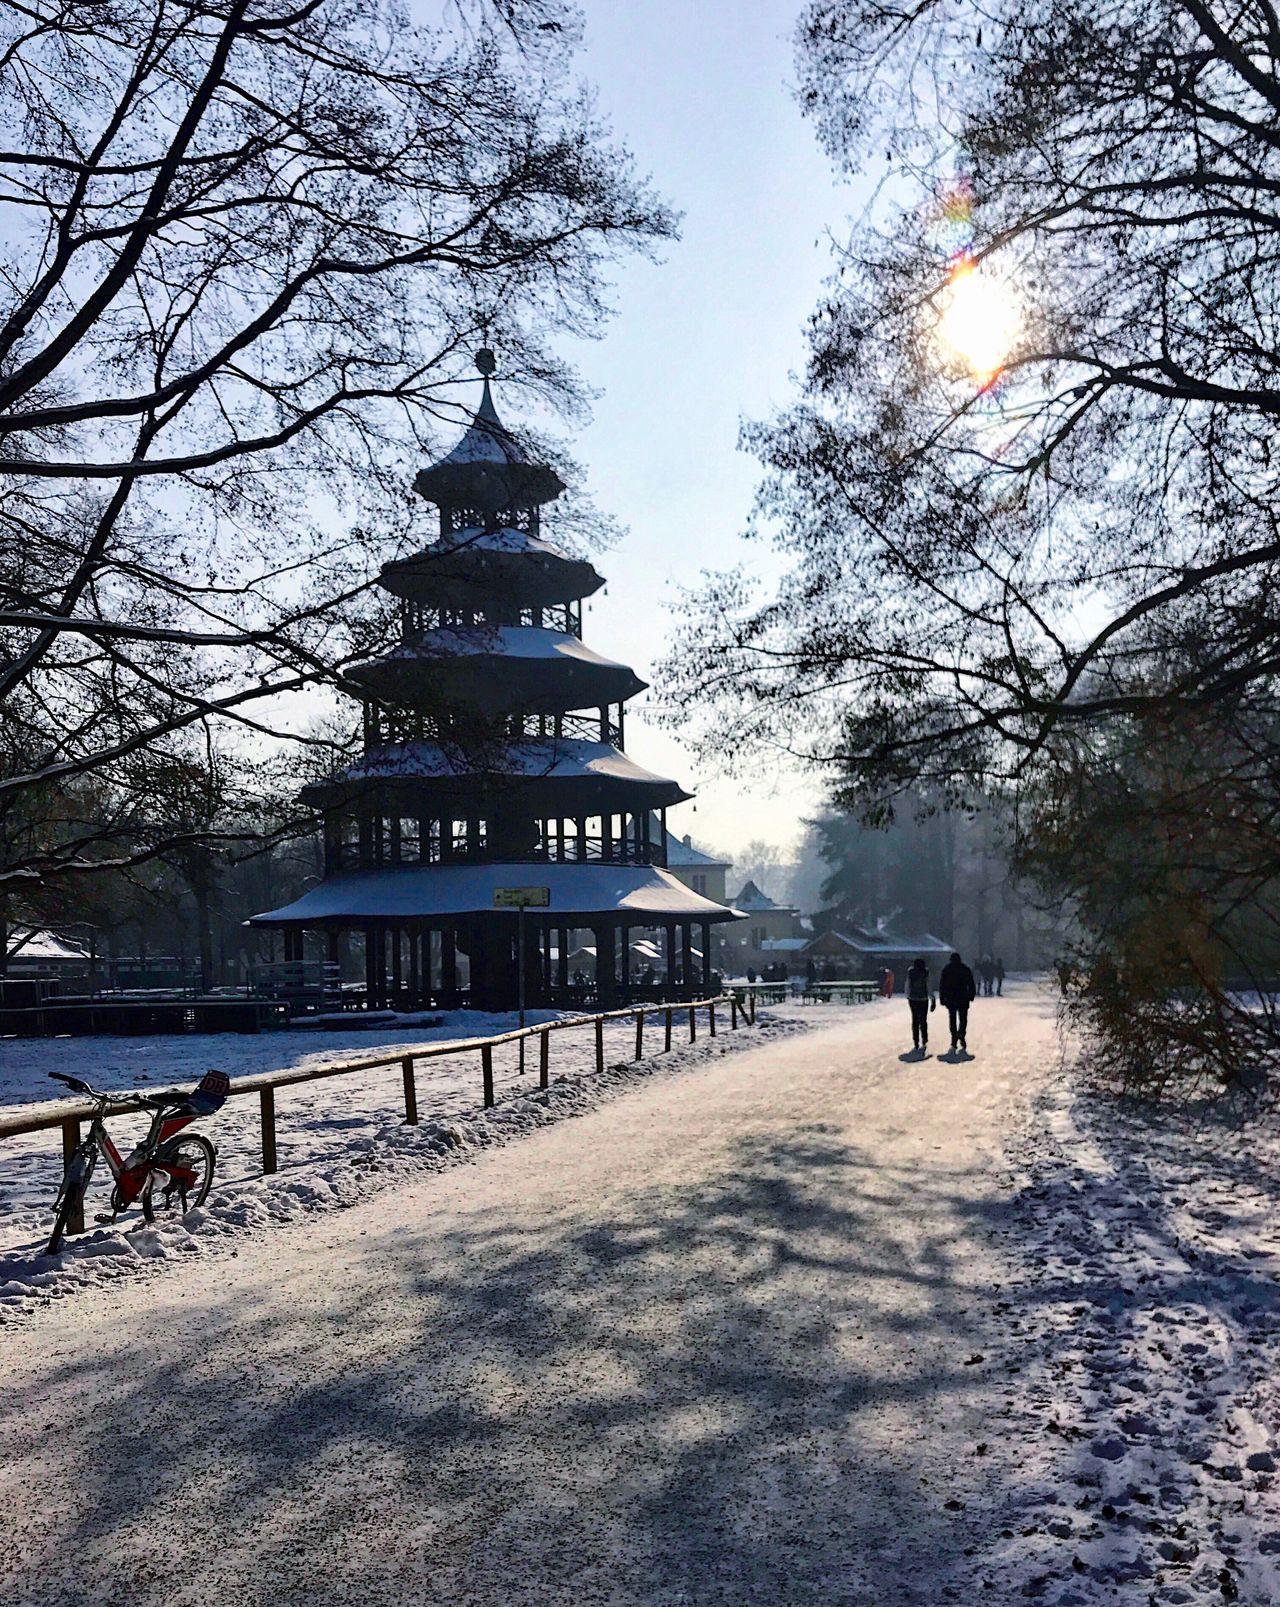 Englisch Garten Winter Snow Garden Park Munich Bavaria Germany